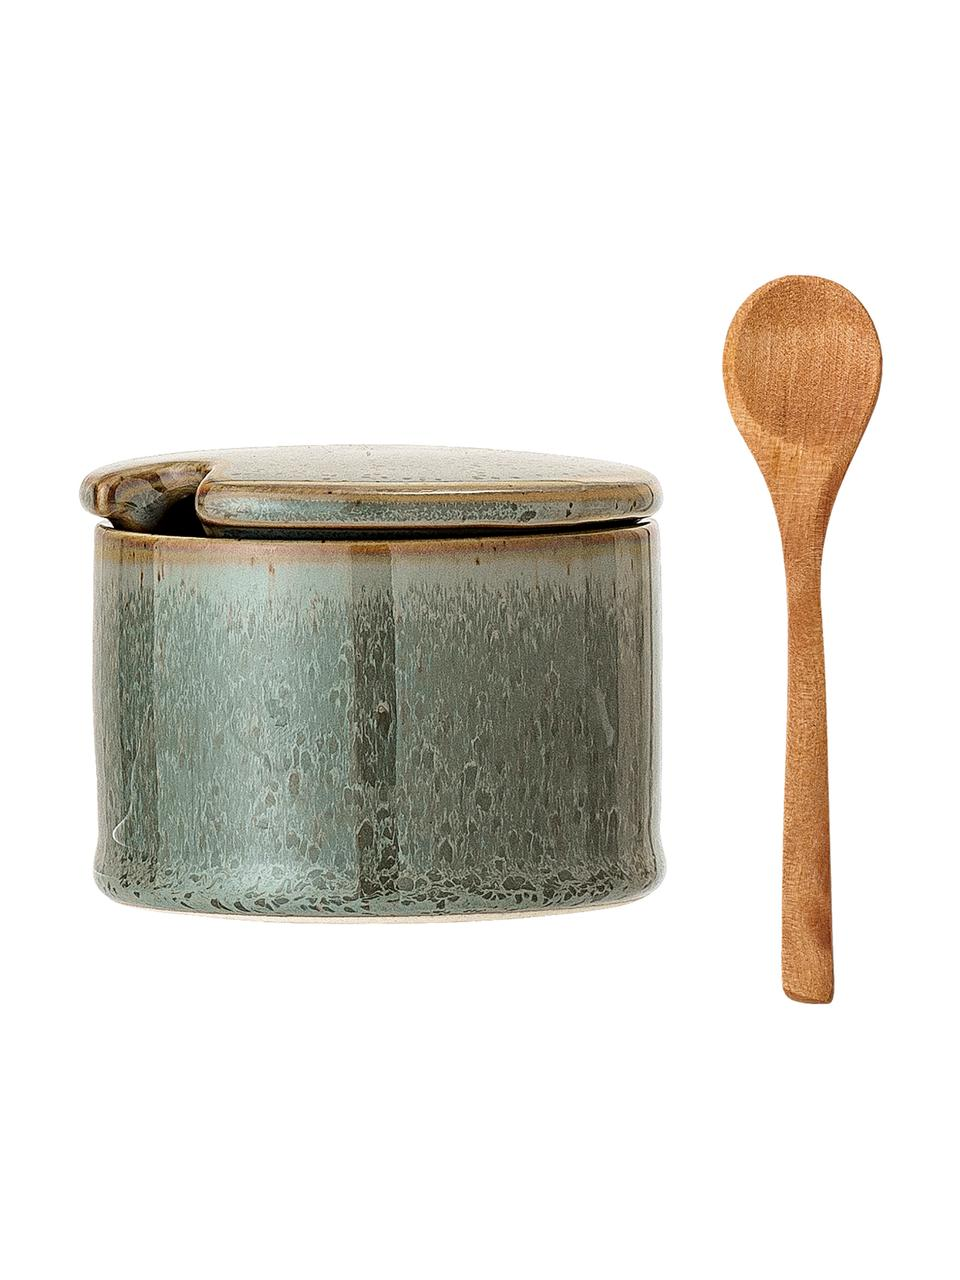 Steingut Zuckerdose mit Löffel Pixie mit Holzlöffel, Dose: Steingut, Löffel: Akazienholz, Grüntöne, Ø 8 x H 6 cm